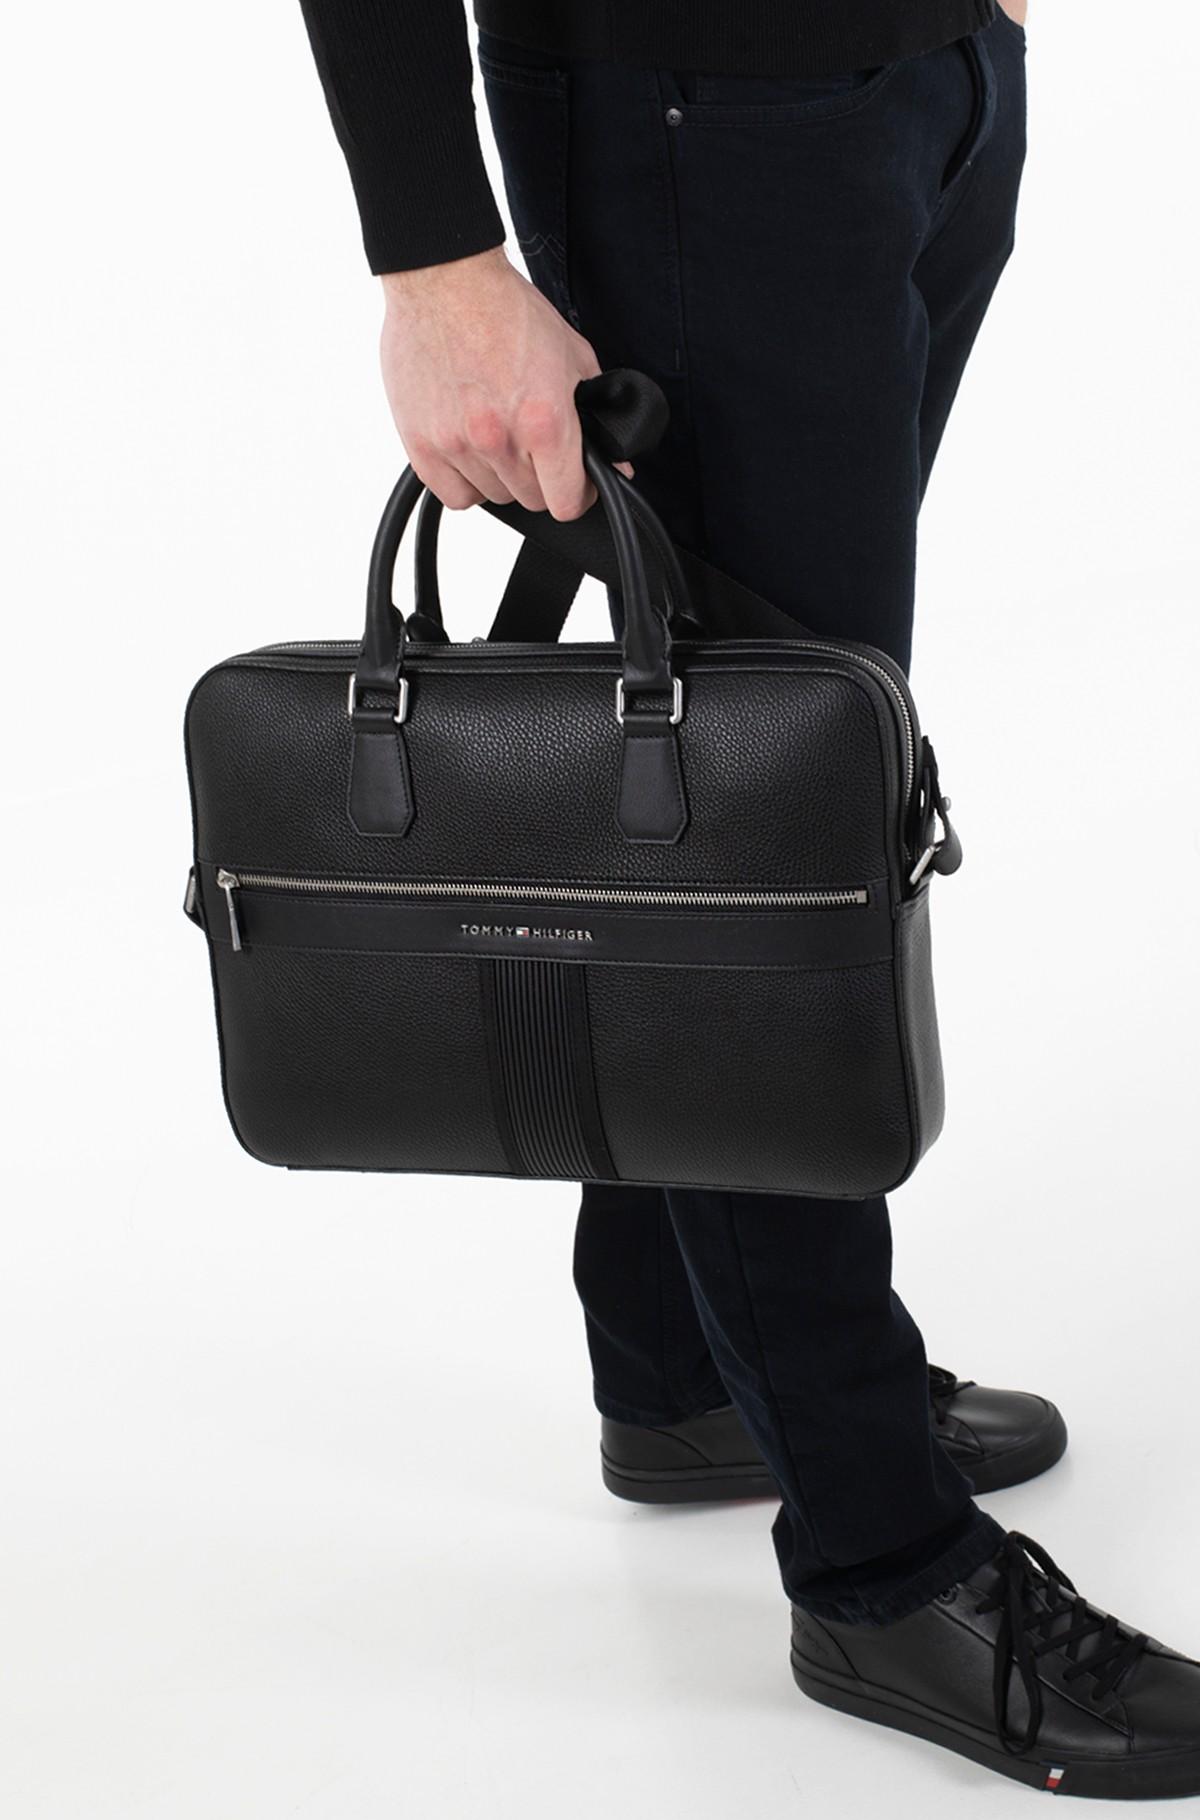 Kompiuterio krepšys  TH DOWNTOWN SLIM COMPUTER BAG-full-1